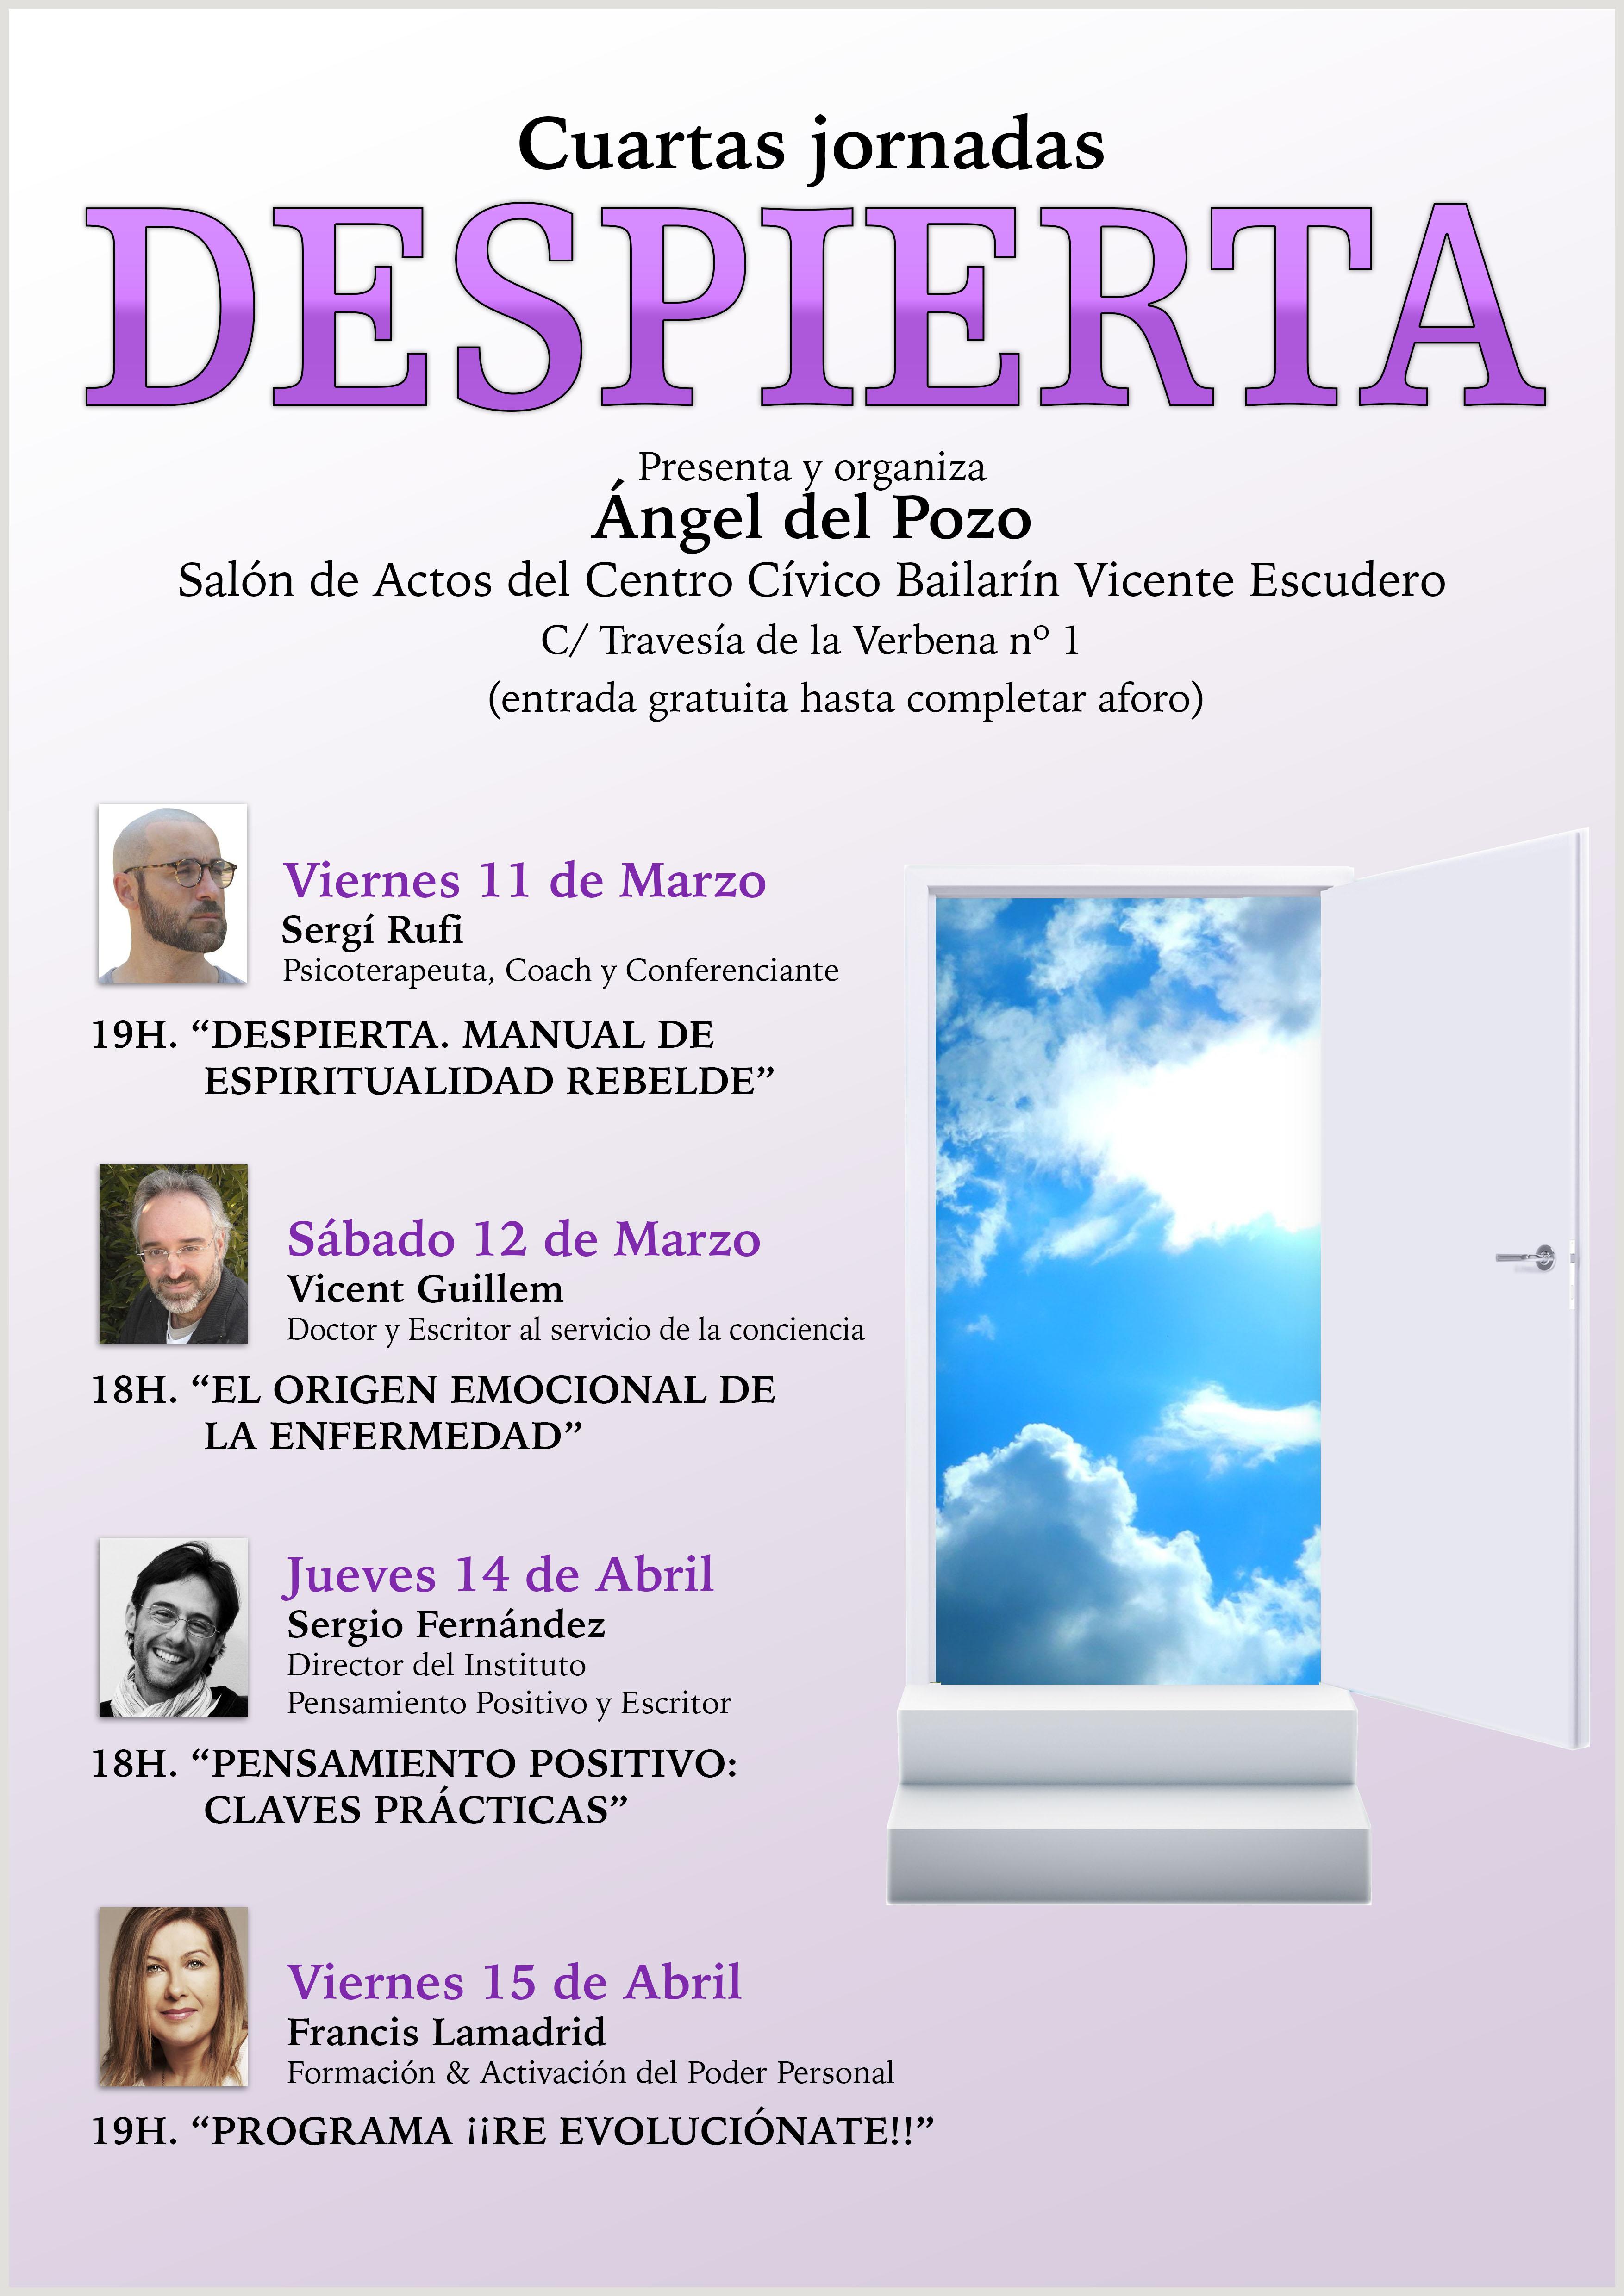 cartel cuartas jornadas marzo y abril